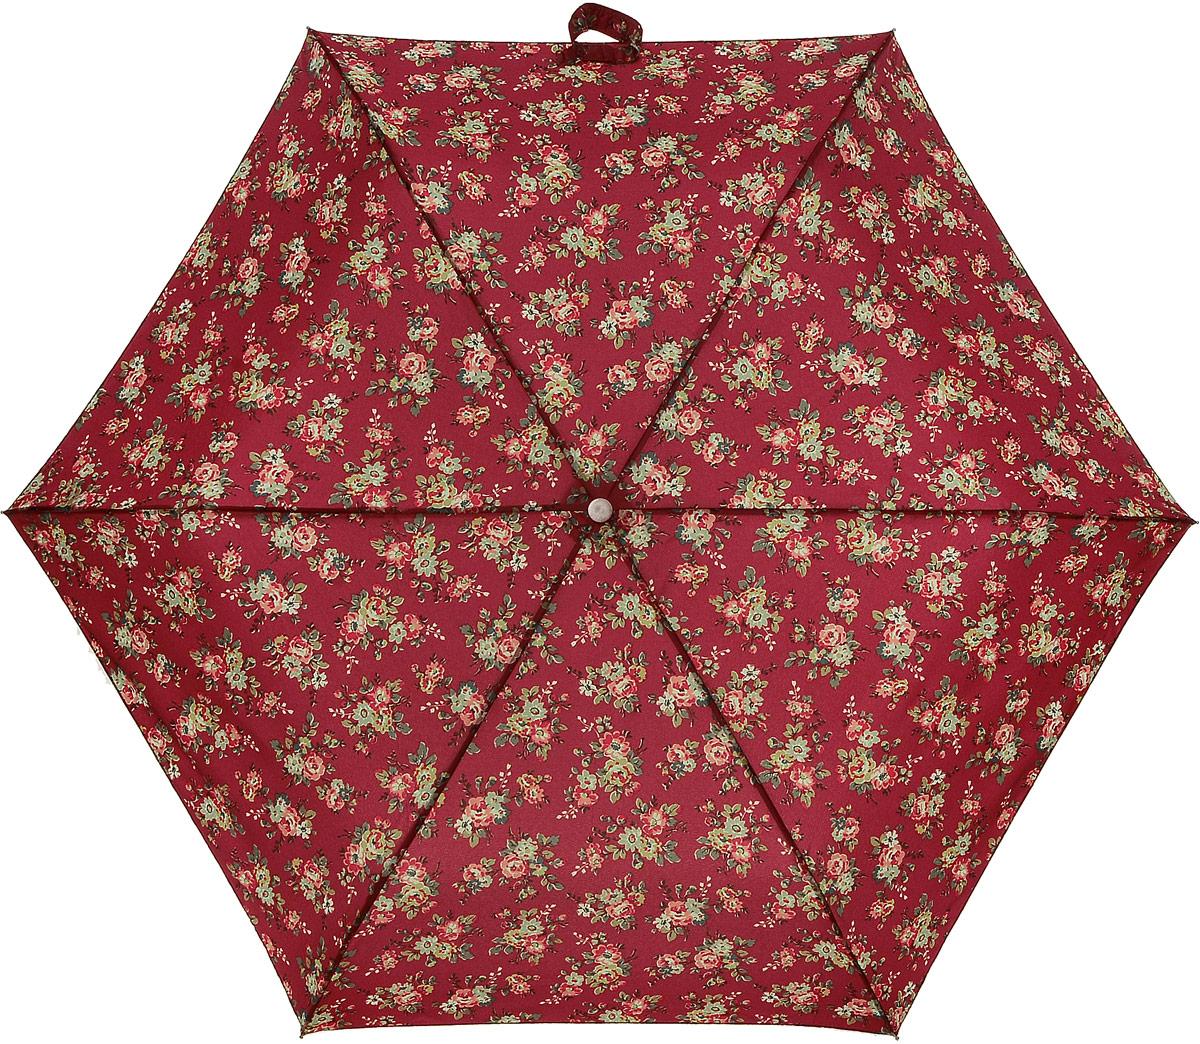 Зонт женский Cath Kidston Minilite, механический, 3 сложения, цвет: бордовый, мультиколор. L768-2852L768-2852 KingswoodRoseRedСтильный механический зонт Cath Kidston Minilite в 3 сложения даже в ненастную погоду позволит вам оставаться элегантной. Облегченный каркас зонта выполнен из 8 спиц из фибергласса и алюминия, стержень также изготовлен из алюминия, удобная рукоятка - из пластика. Купол зонта выполнен из прочного полиэстера. В закрытом виде застегивается хлястиком на липучке. Яркий оригинальный цветочный принт поднимет настроение в дождливый день. Зонт механического сложения: купол открывается и закрывается вручную до характерного щелчка. На рукоятке для удобства есть небольшой шнурок, позволяющий надеть зонт на руку тогда, когда это будет необходимо. К зонту прилагается чехол с небольшой нашивкой с названием бренда. Oaeie зонт компактно располагается в кармане, сумочке, дверке автомобиля.